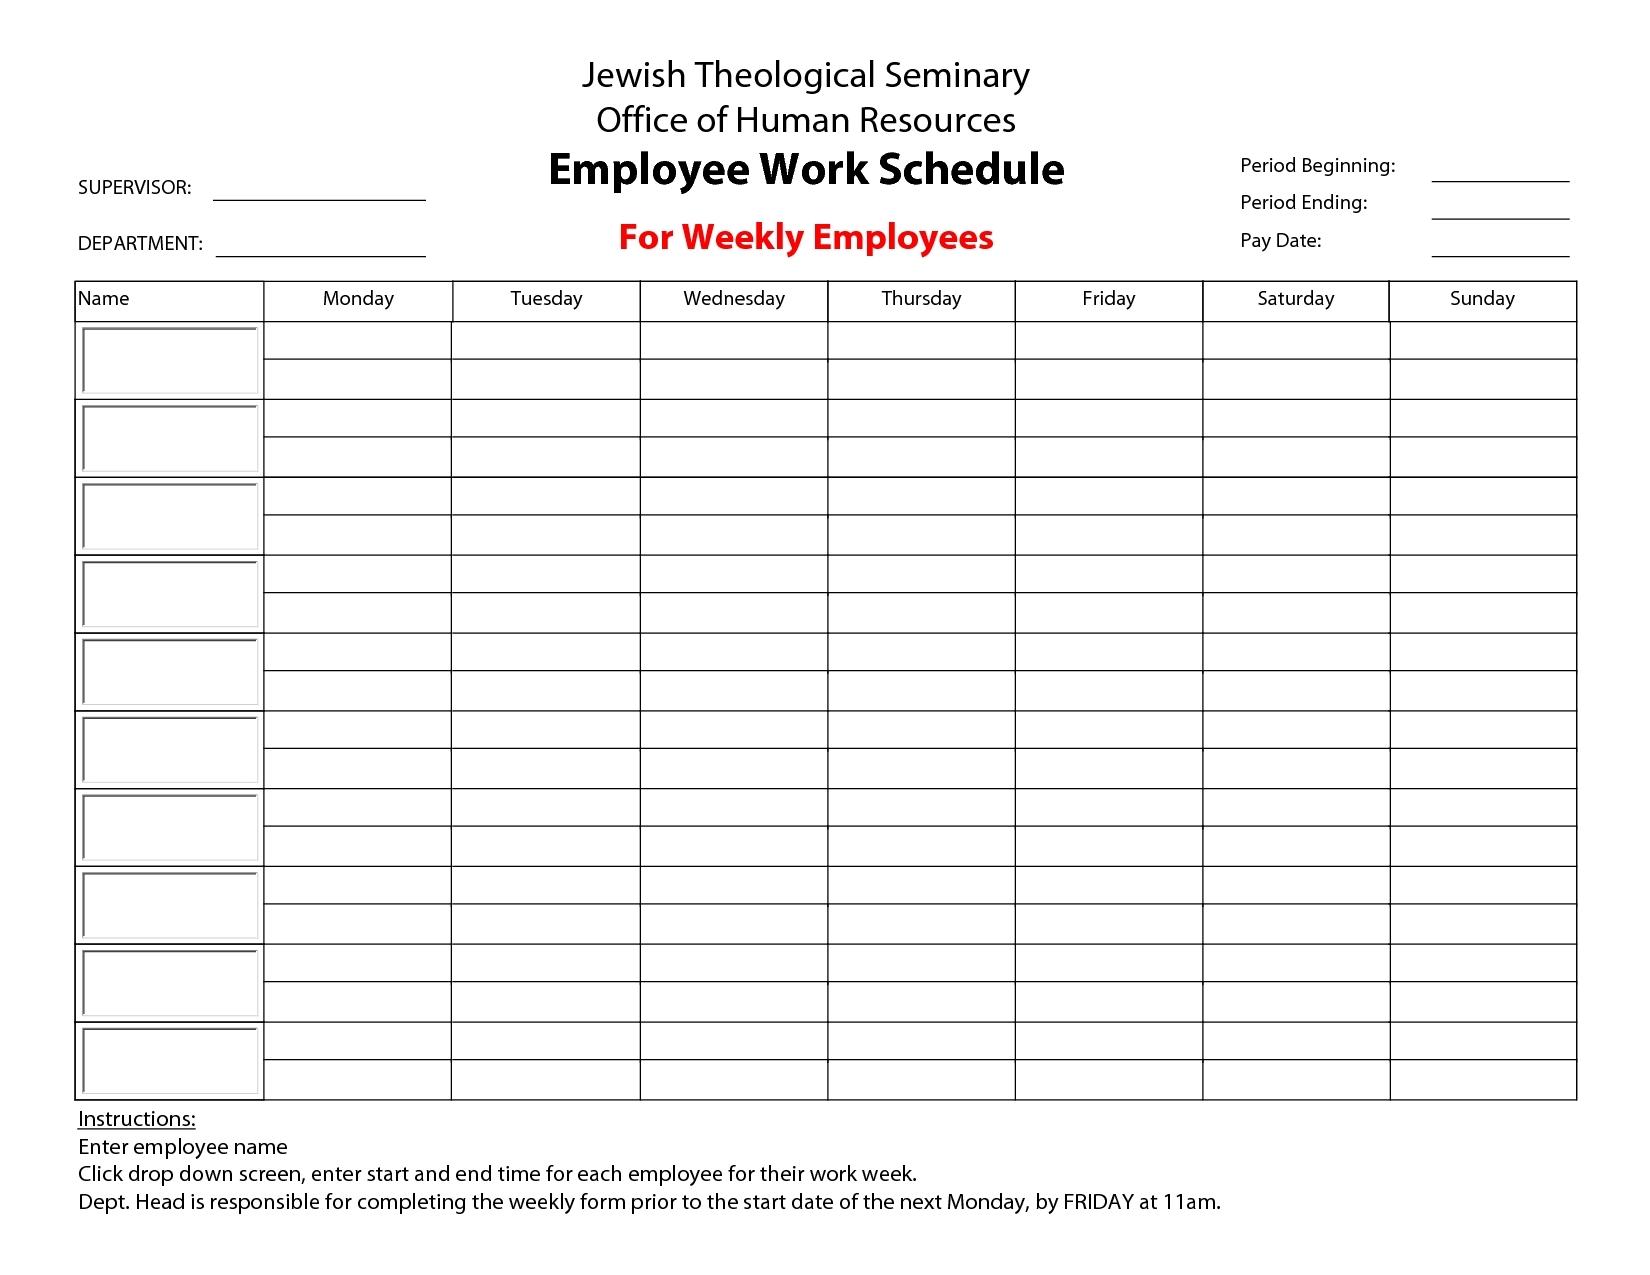 Take Printable Blank Bi-Weekly Employee Schedule ⋆ The Best